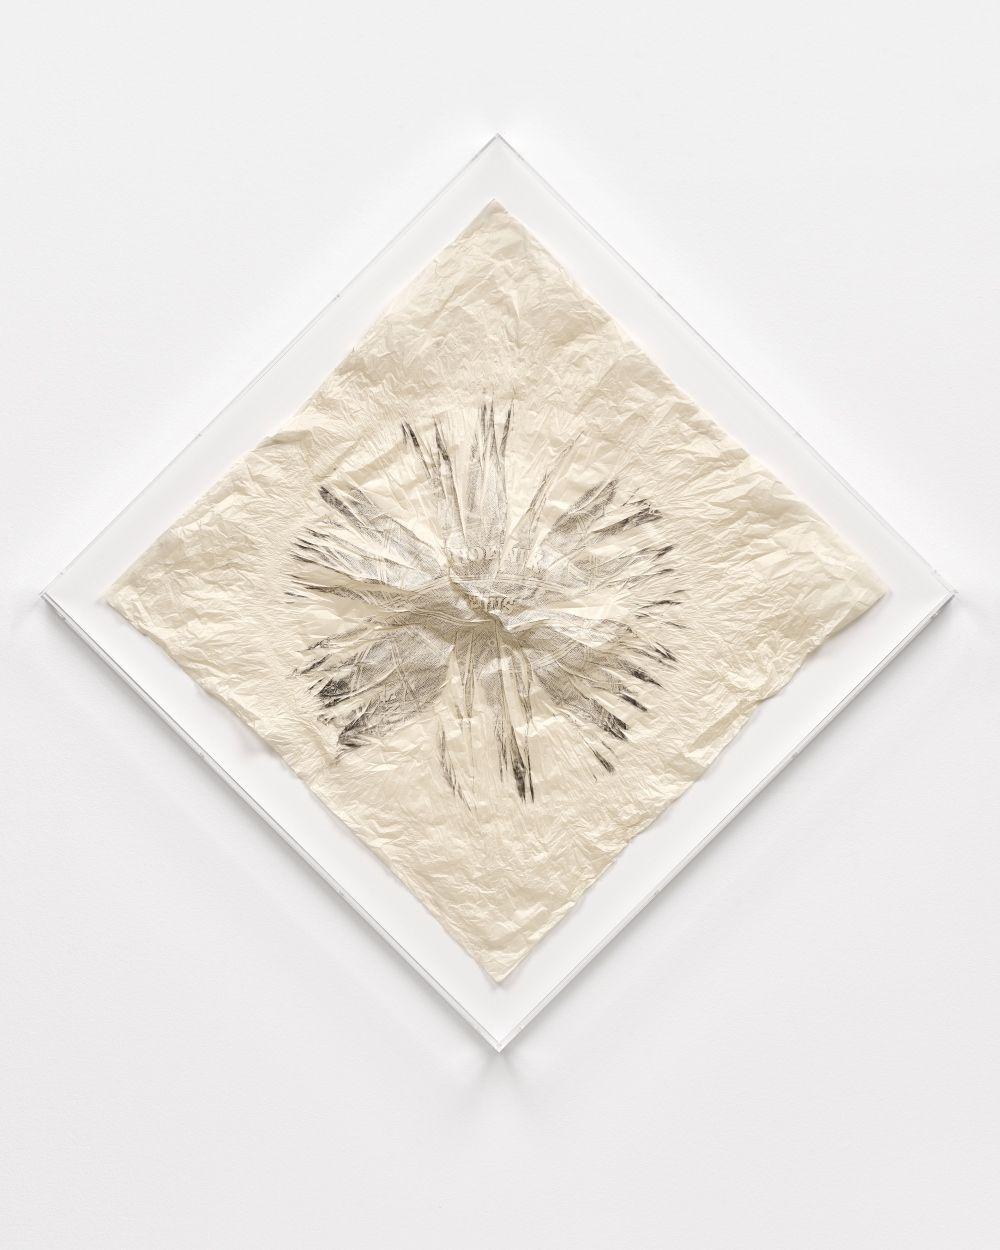 Navid Nuur - Galerie Max Hetzler